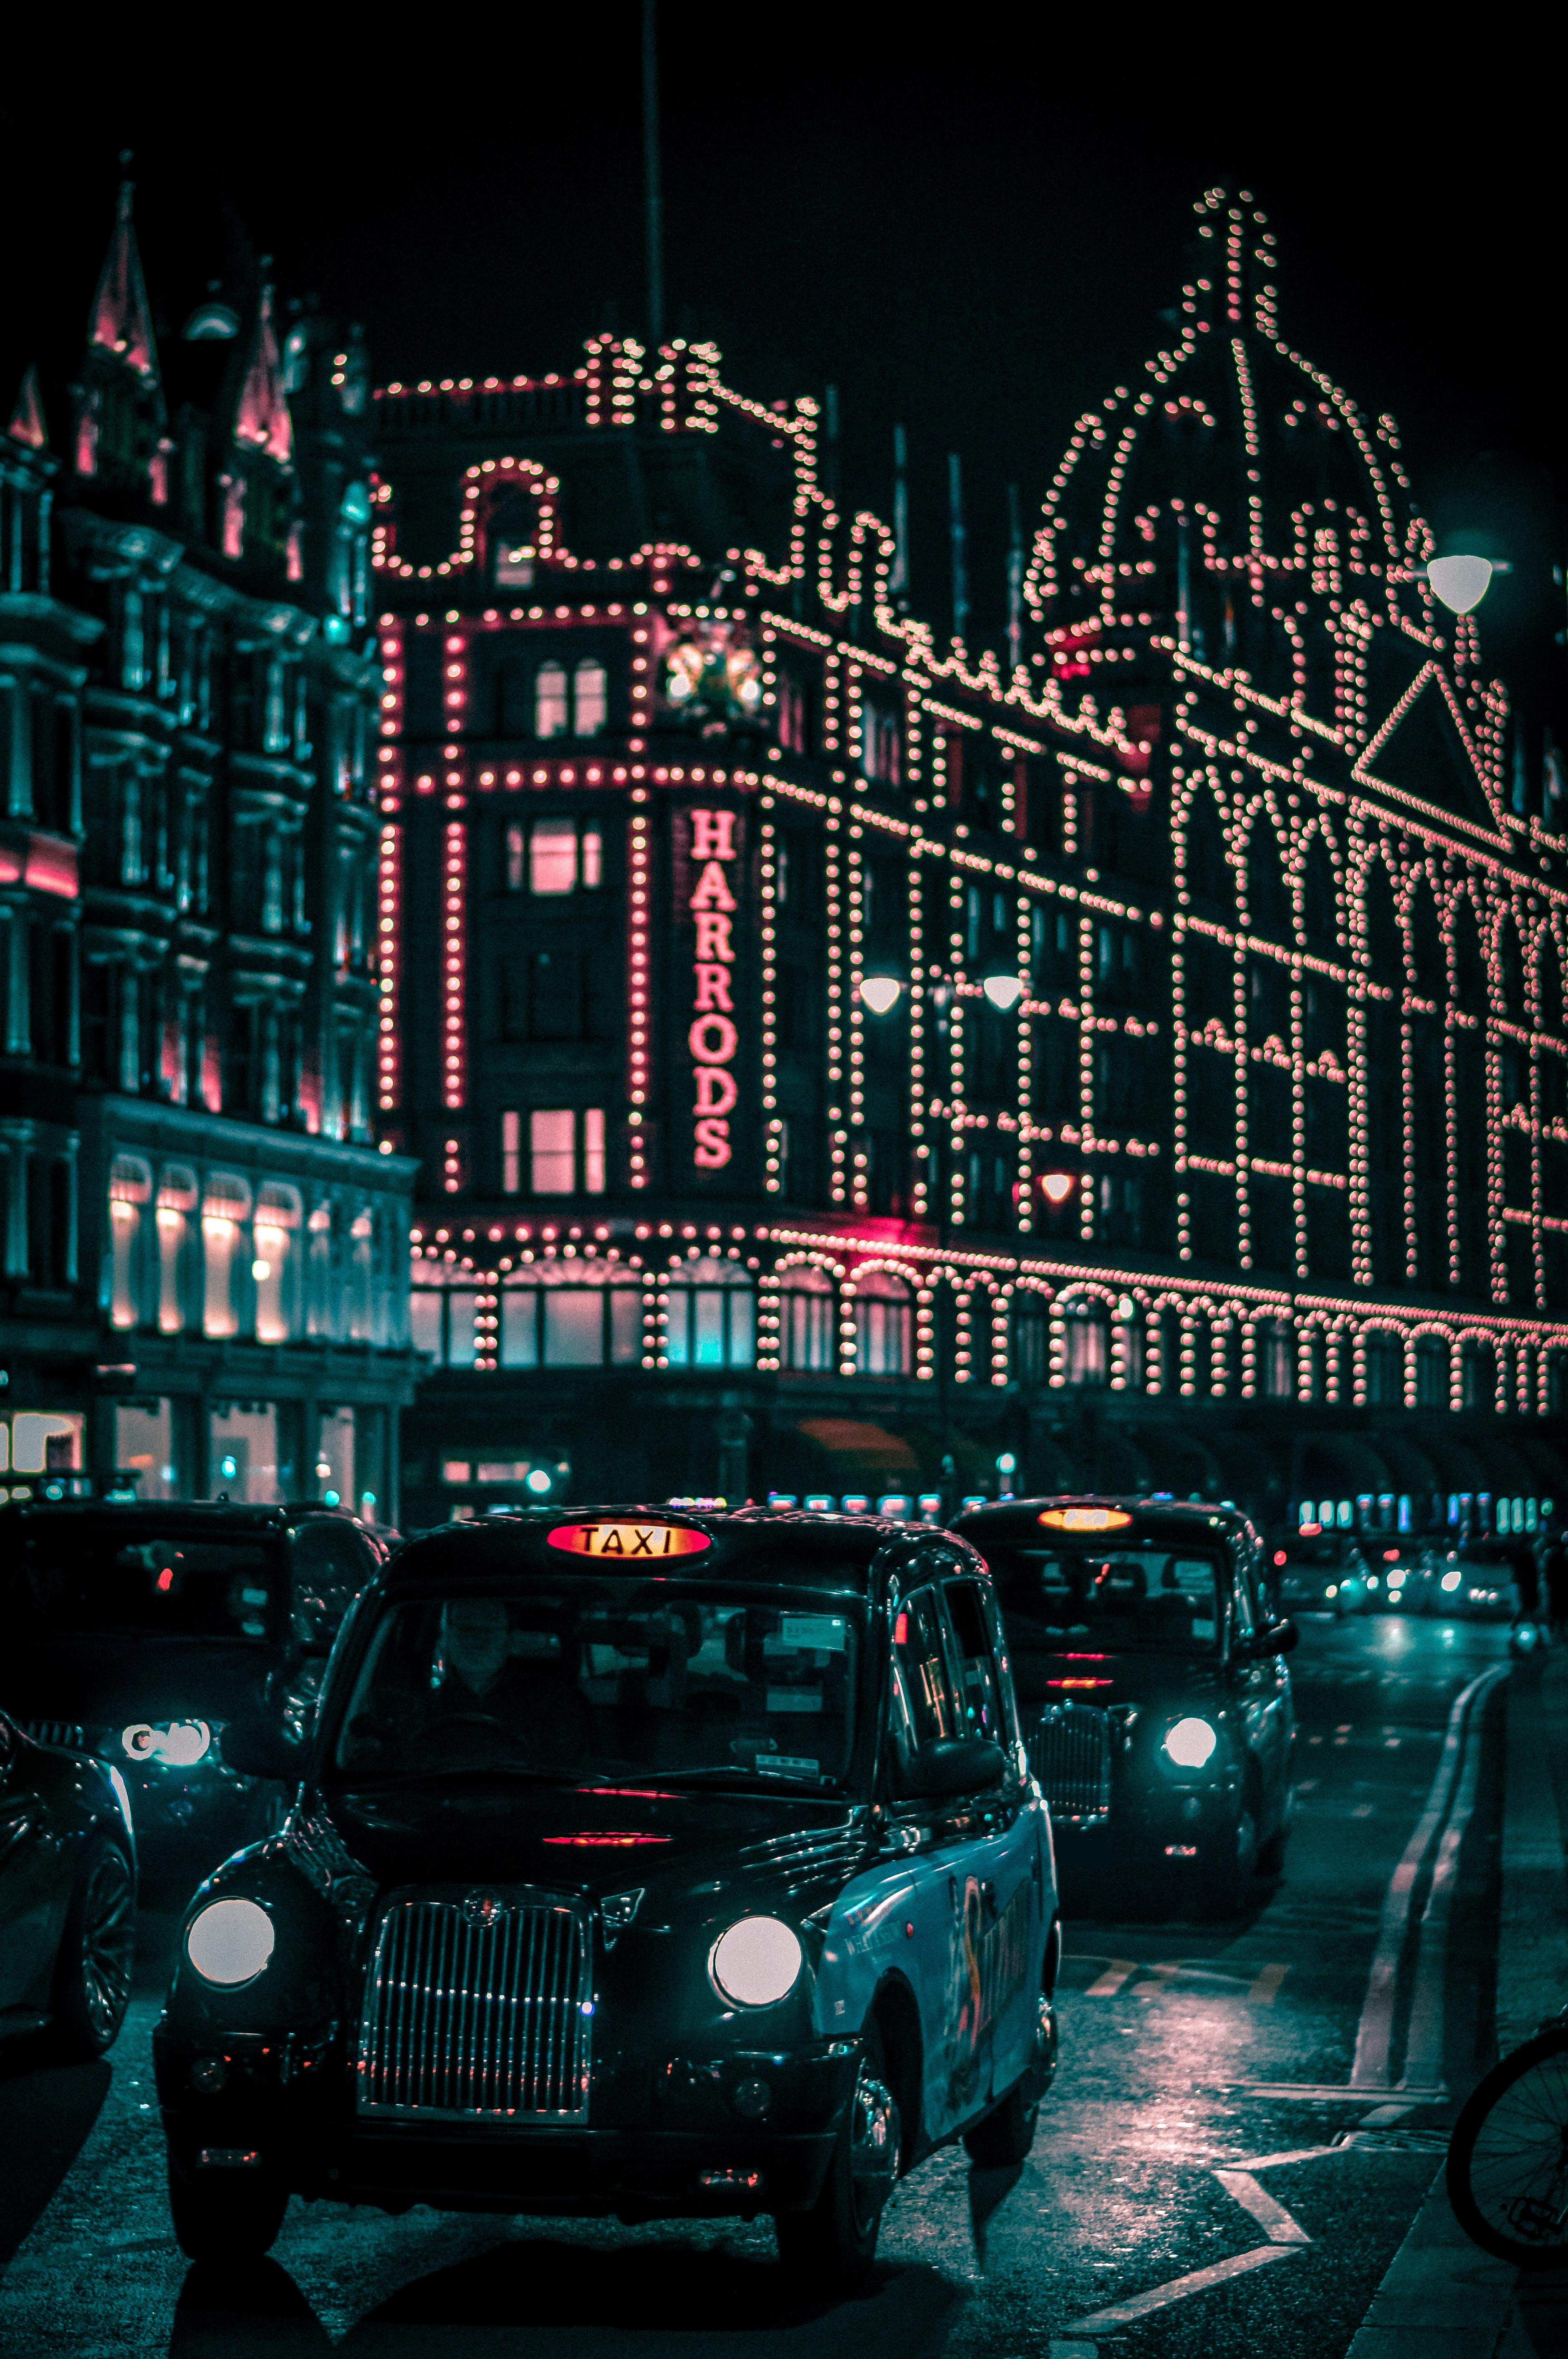 Brompton Rd. at night